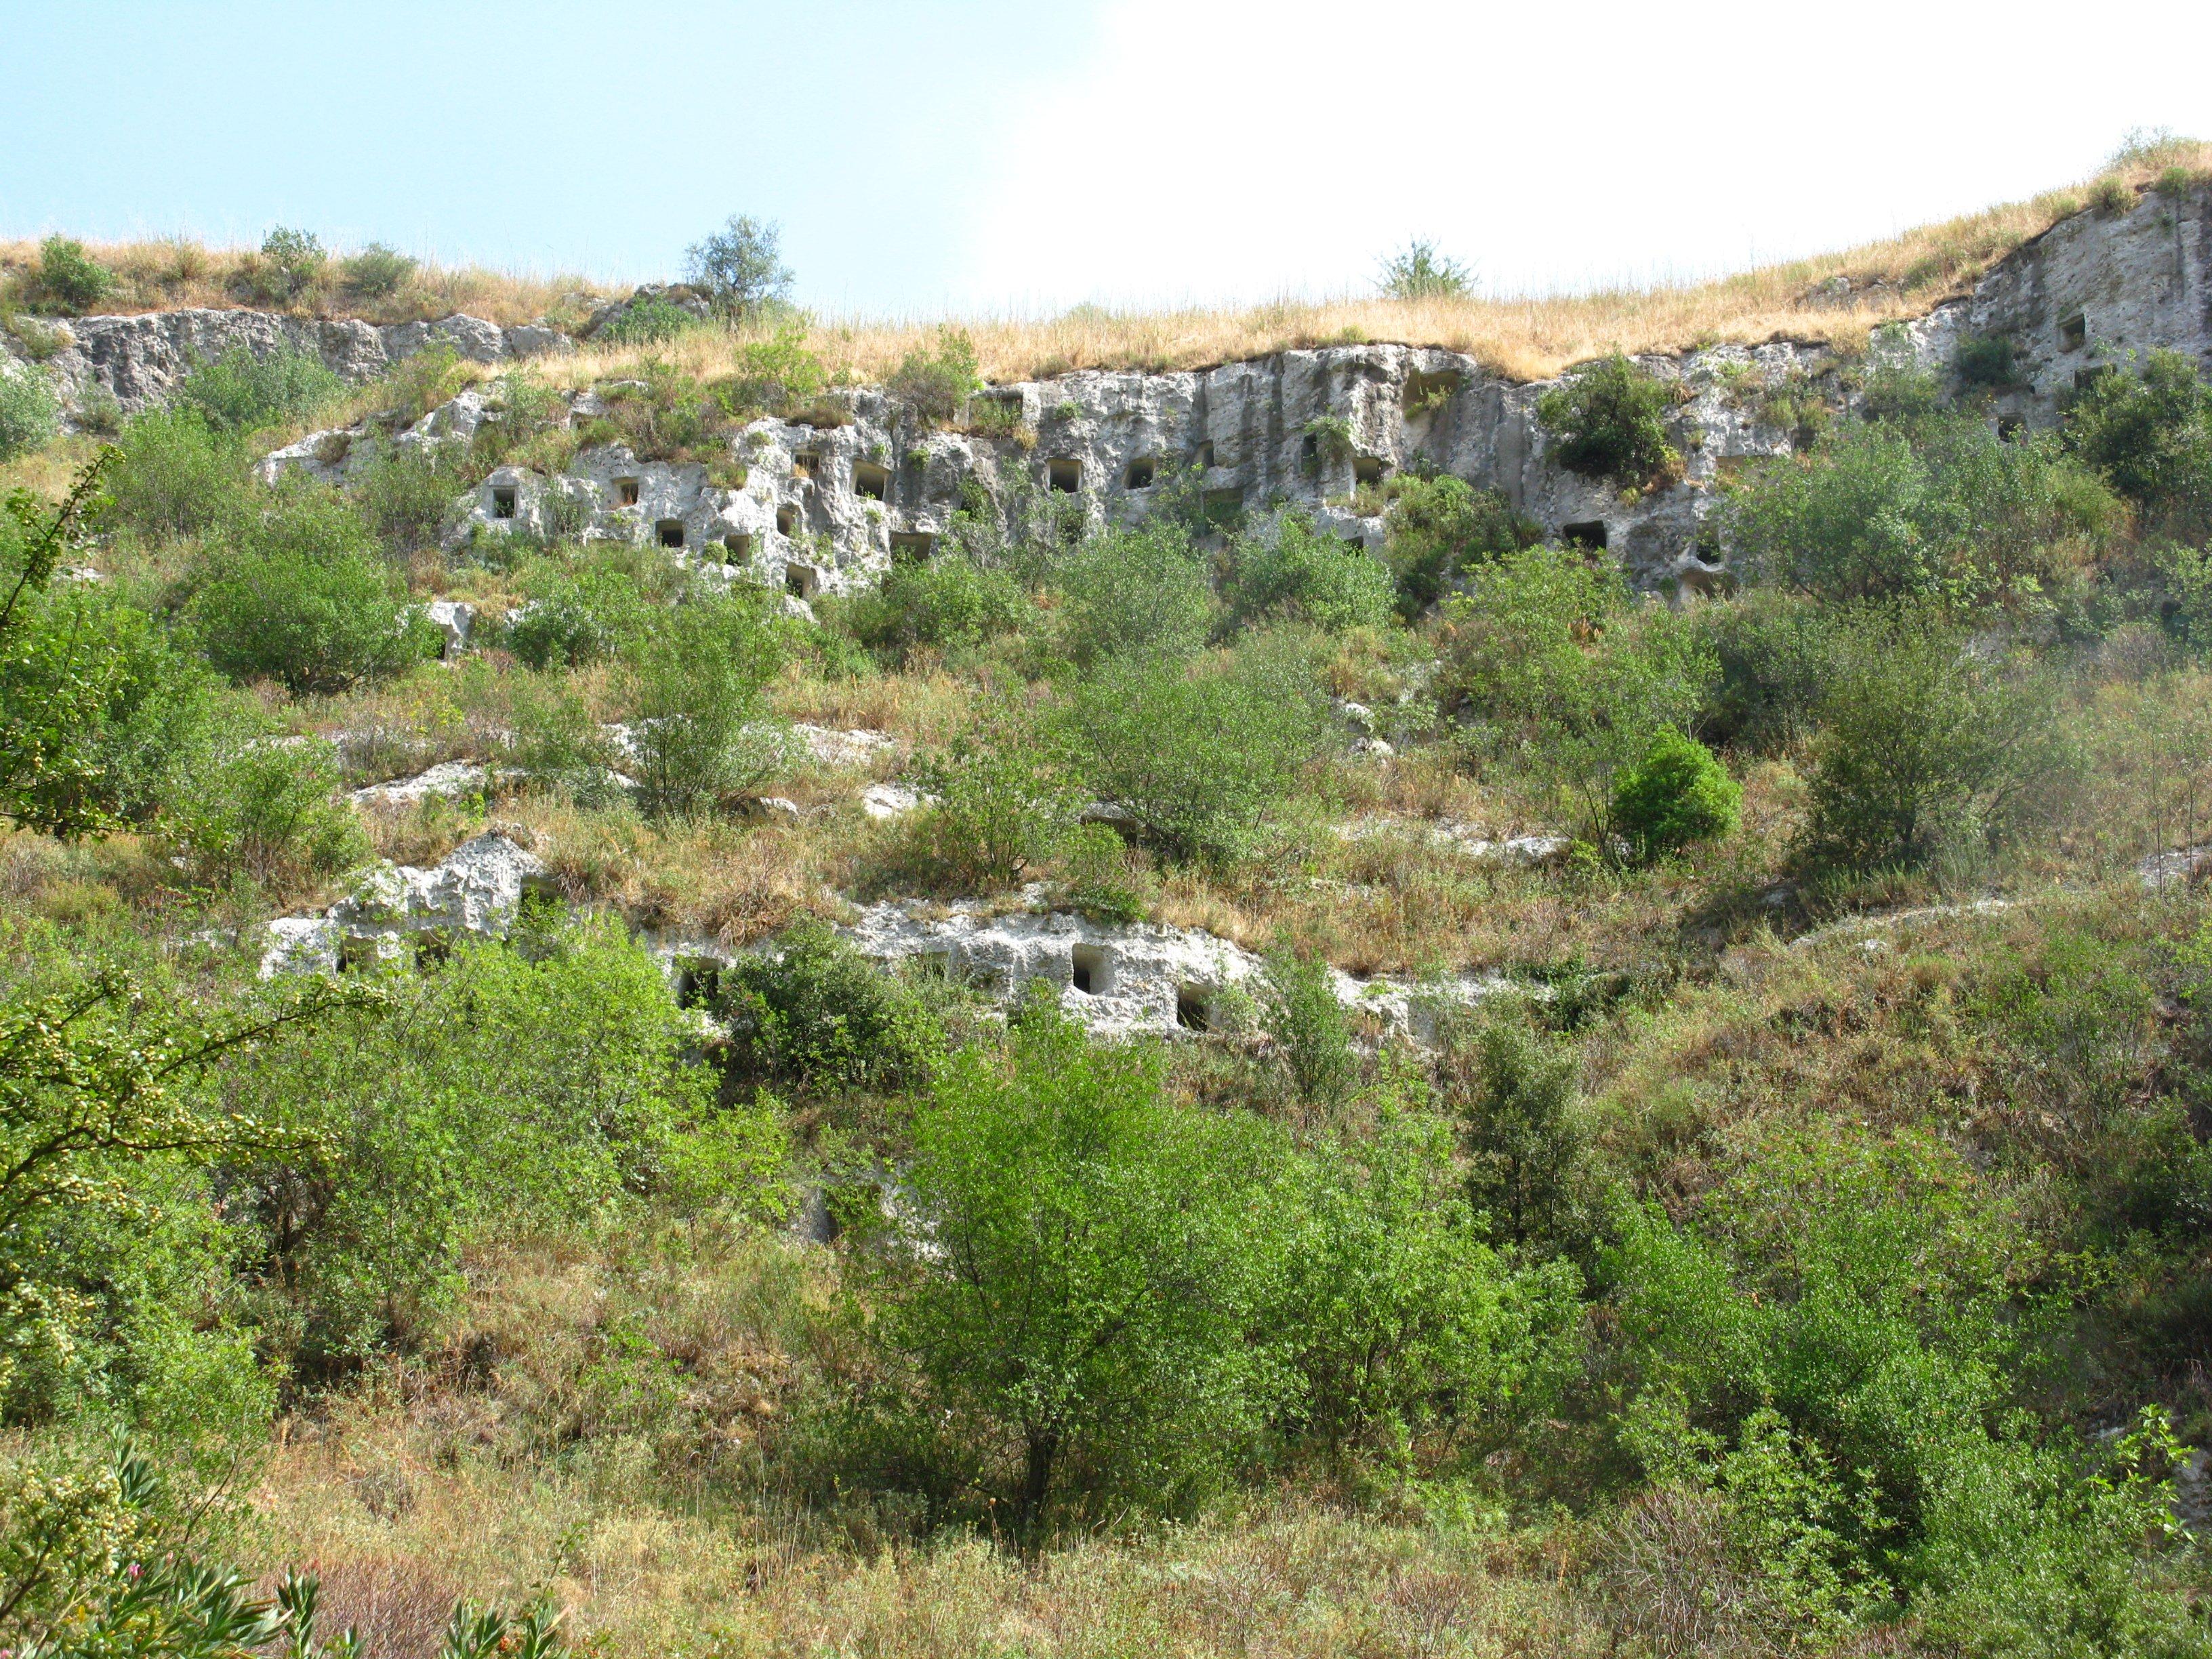 pantalica, tombe scavate nella roccia a Siracusa, Sicilia